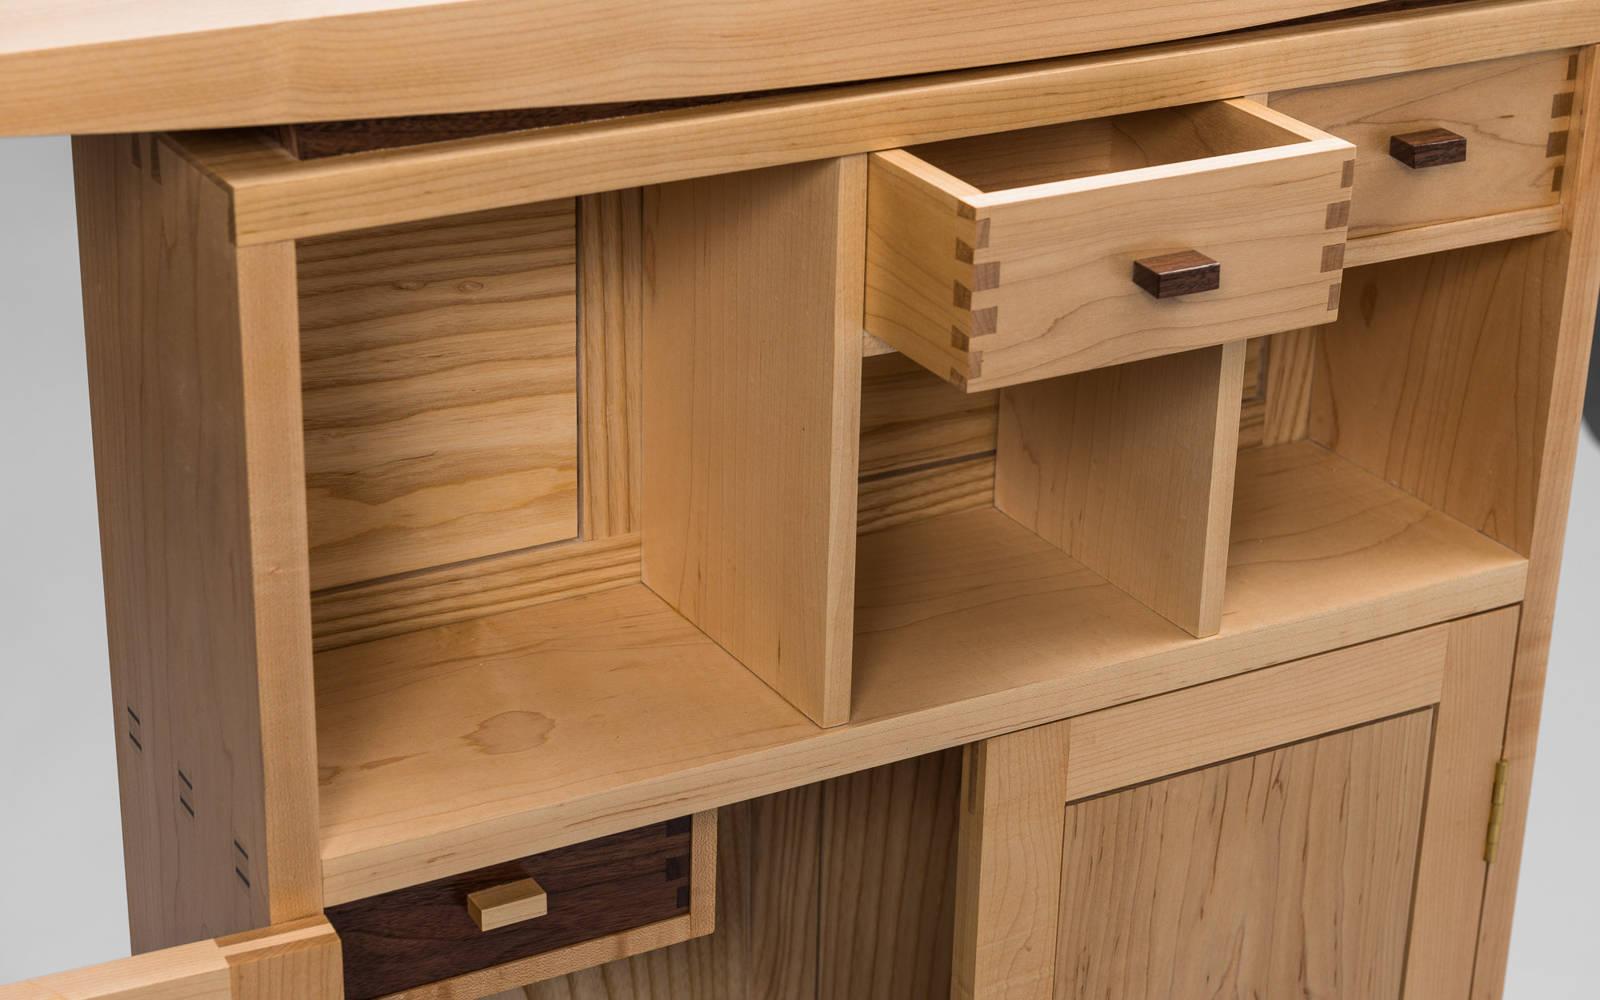 Meuble contemporain en bois marseille figures de bois meuble et d coration marseille - Magasins meubles marseille ...